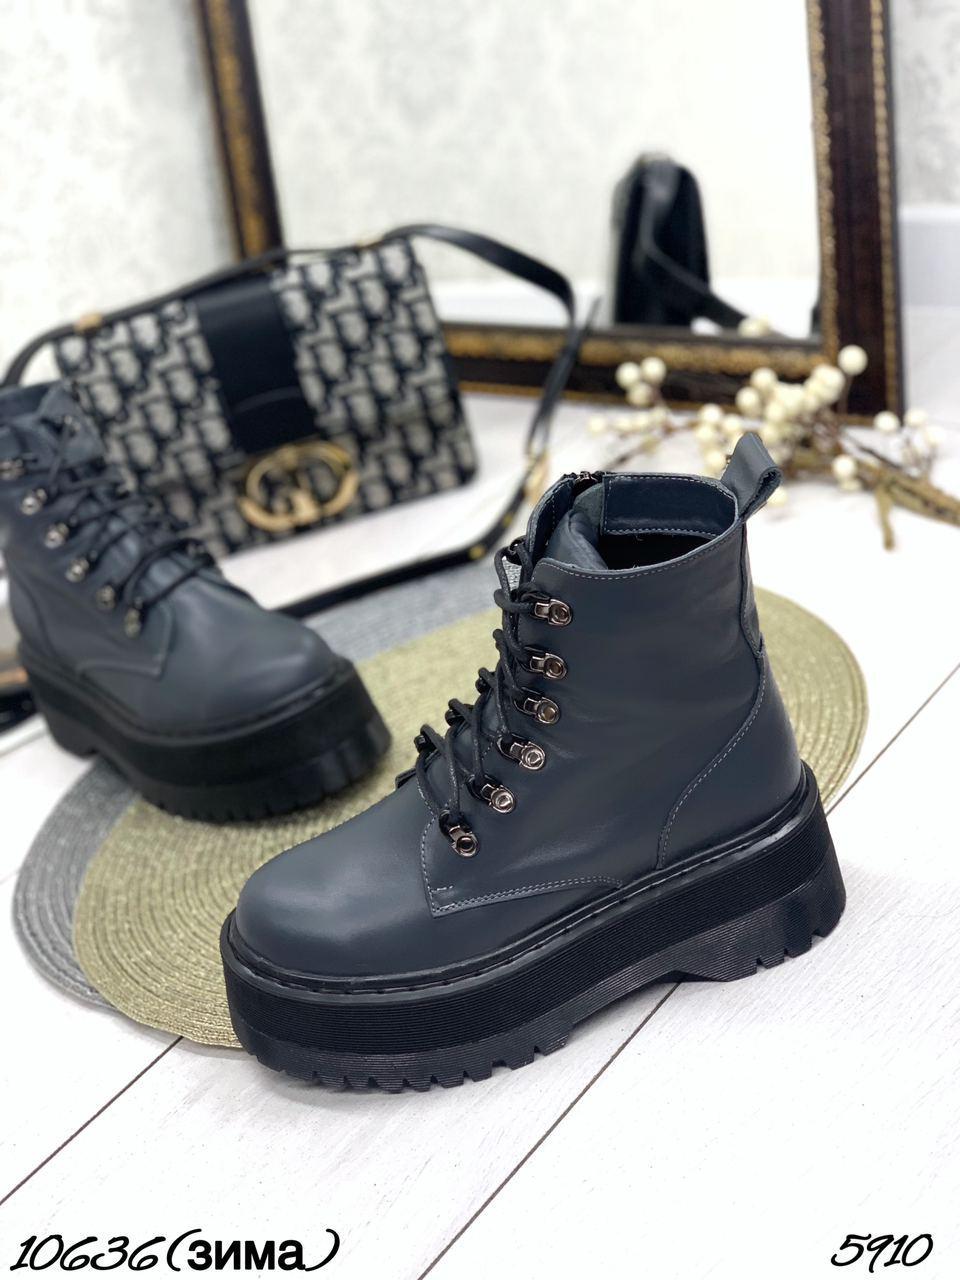 Ботинки Marty Деми темно-серая кожа на высокой подошве В наличии и под заказ